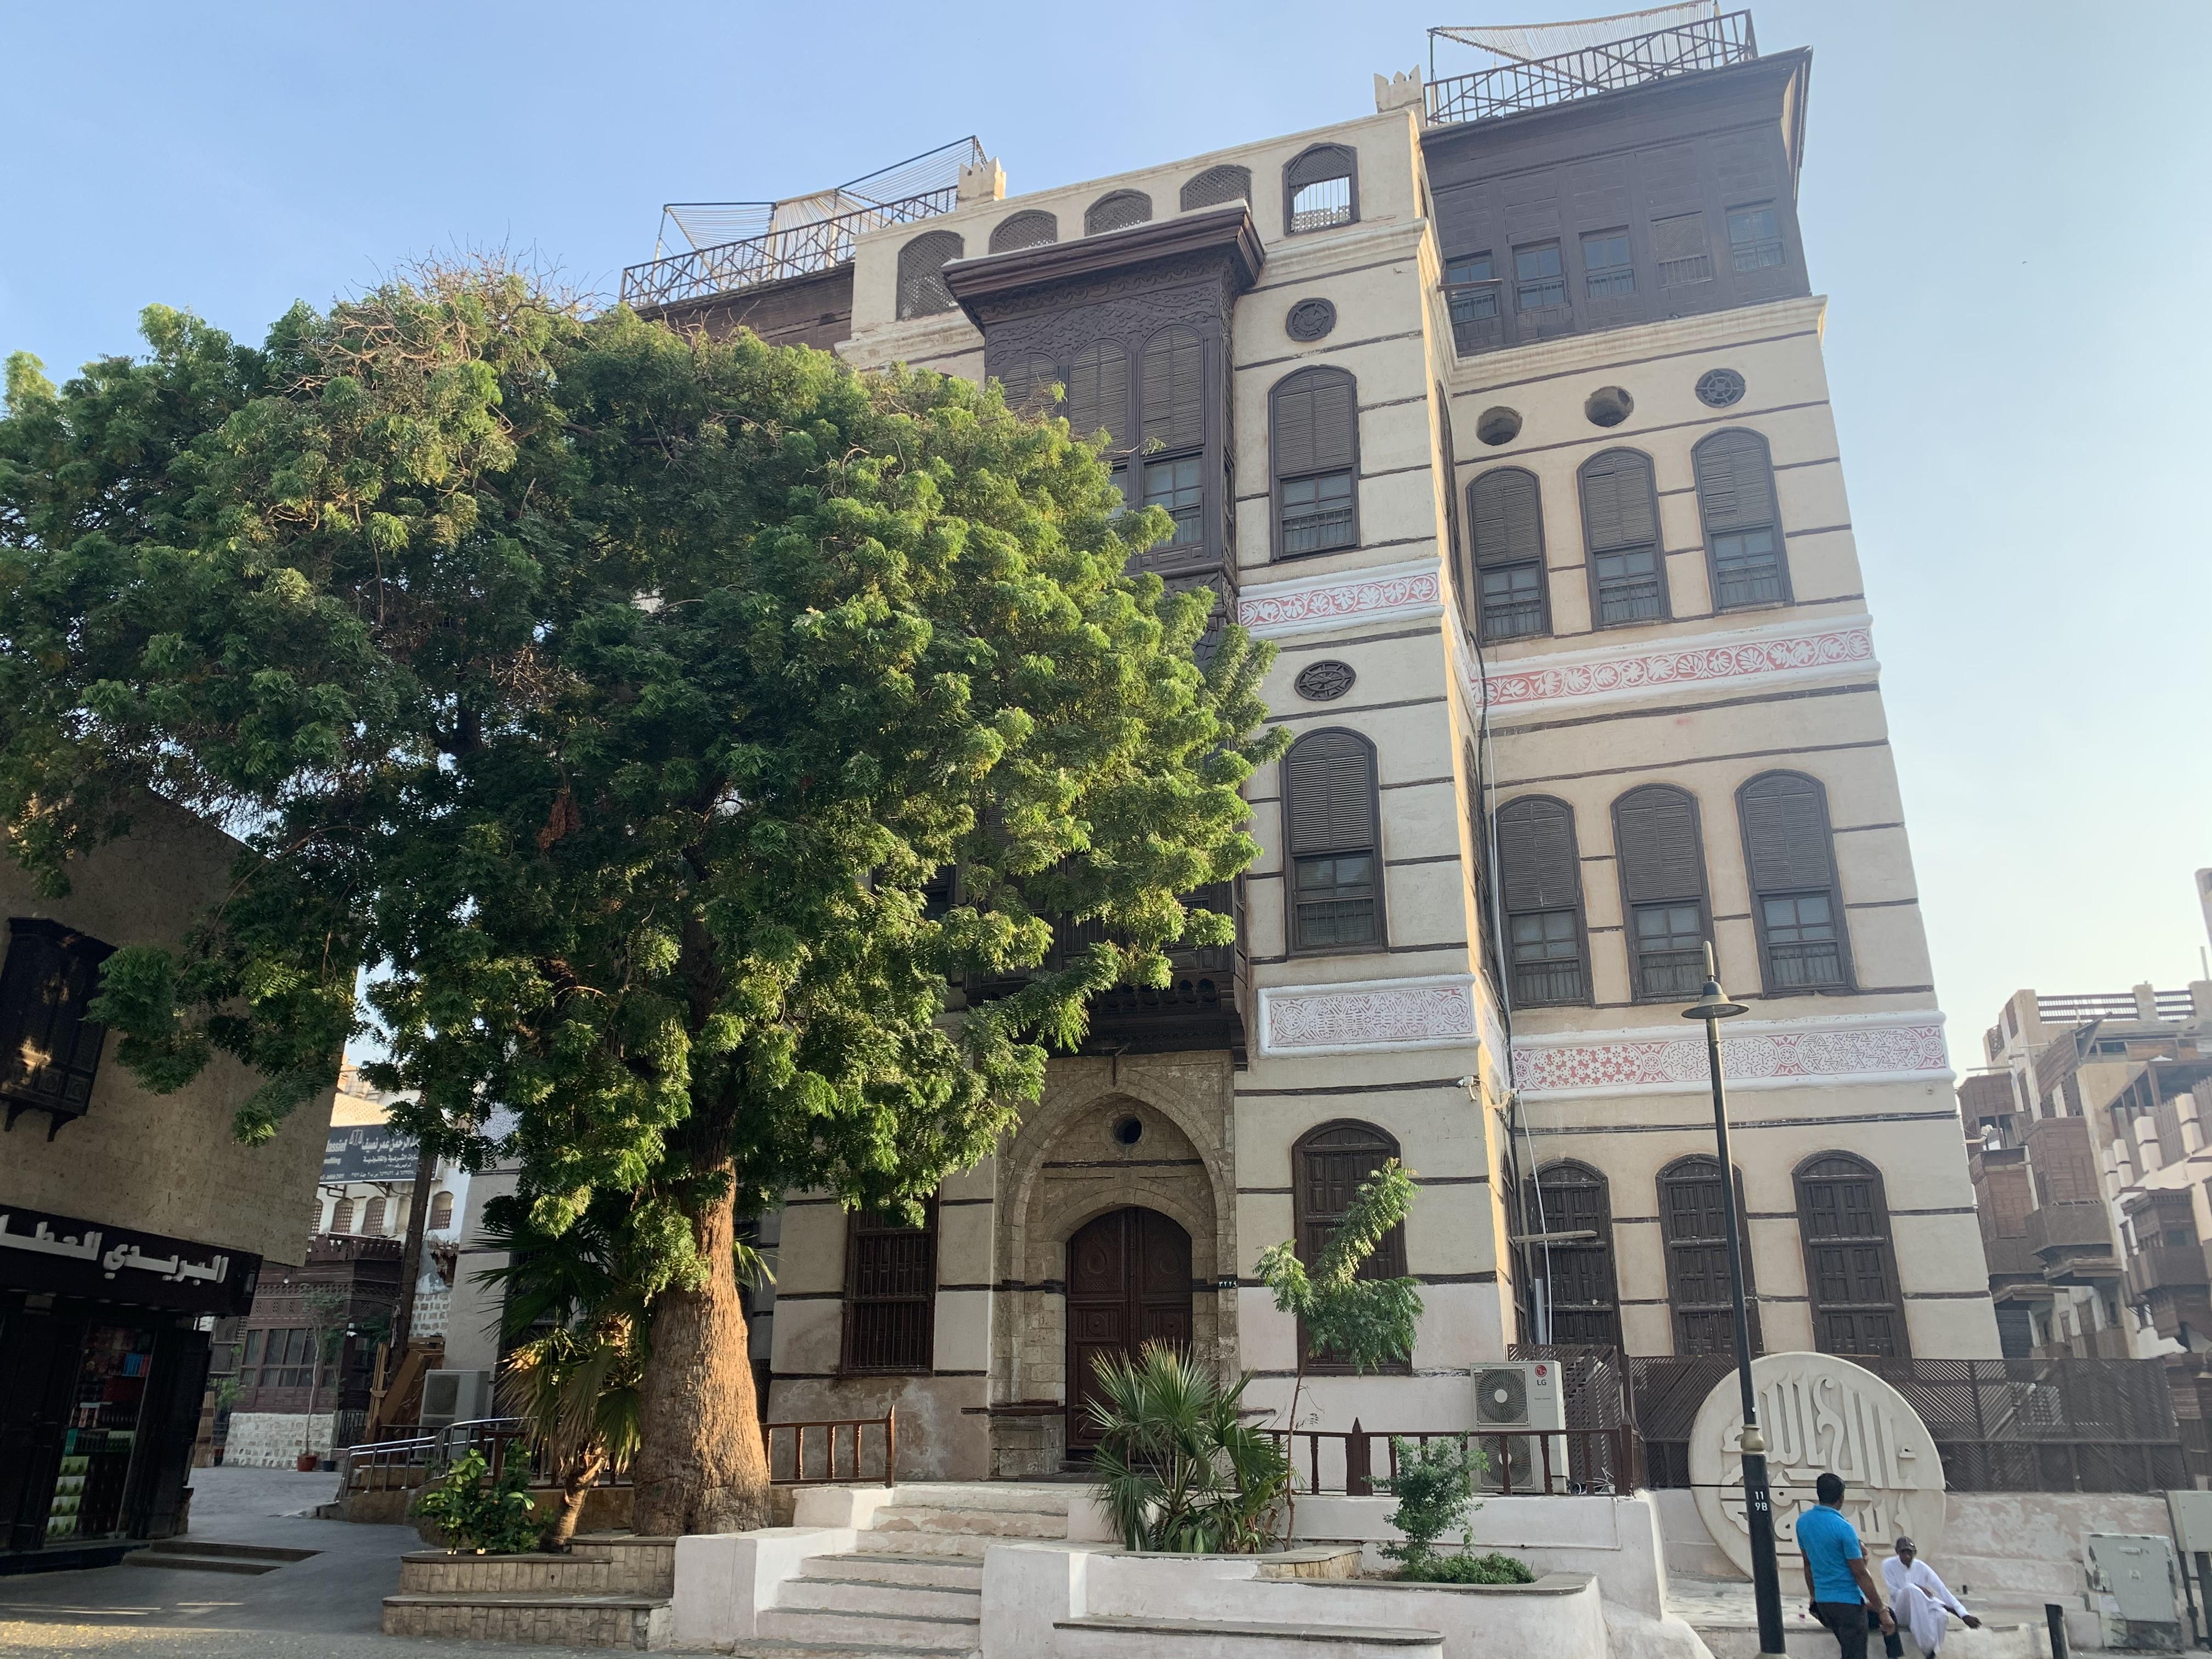 معلومات عن فن الرواشين المعماري في جدة